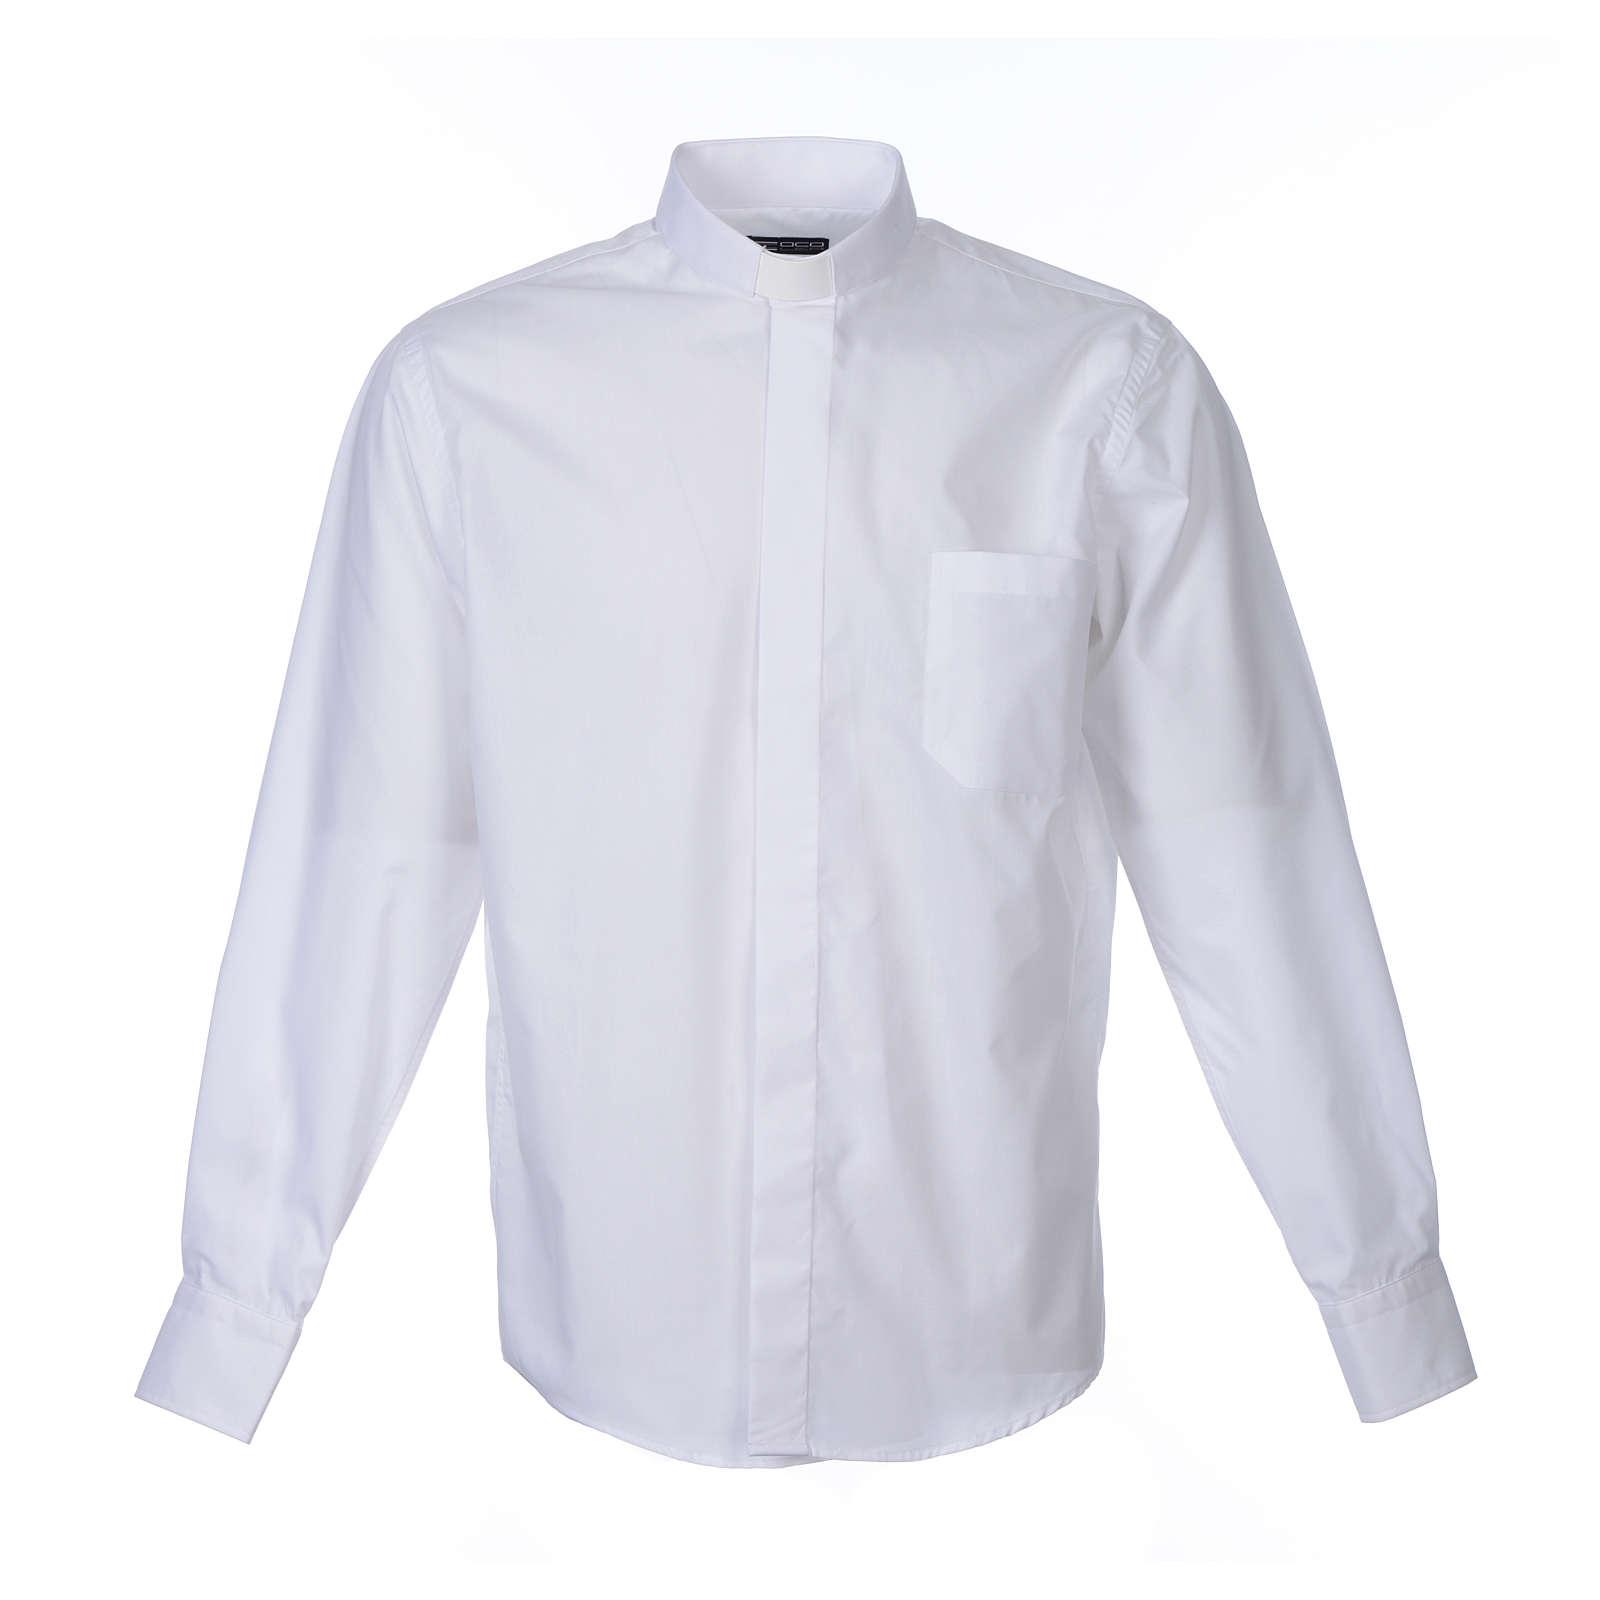 Koszula kapłańska długi rękaw, bawełna mieszana biała 4